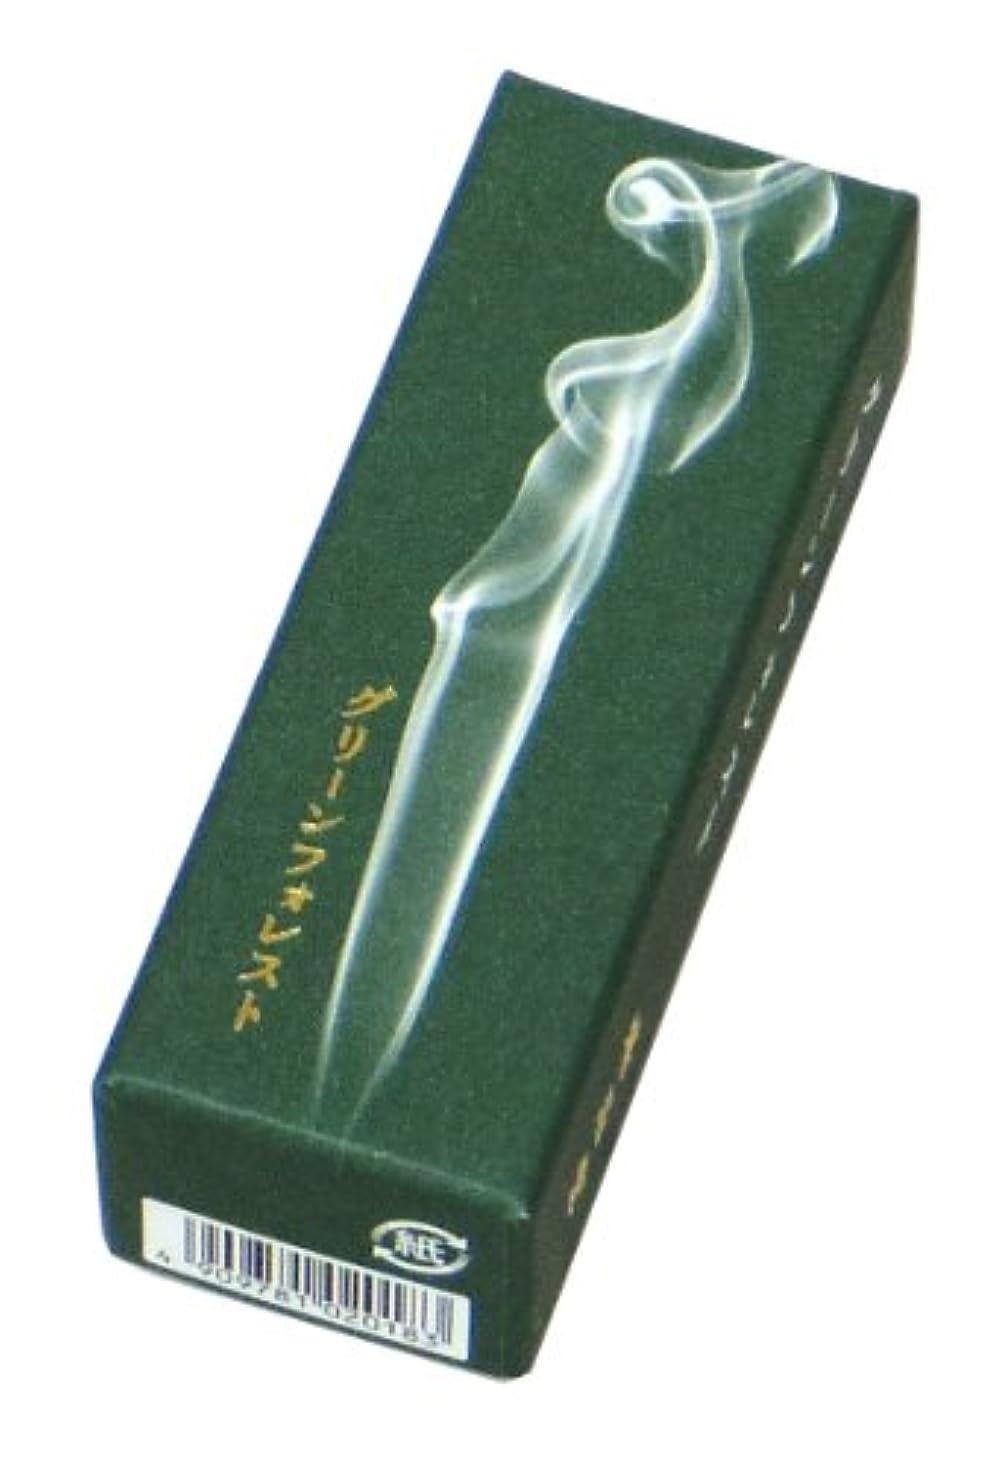 実際のとして才能鳩居堂のお香 香水の香り グリーンフォレスト 20本入 6cm